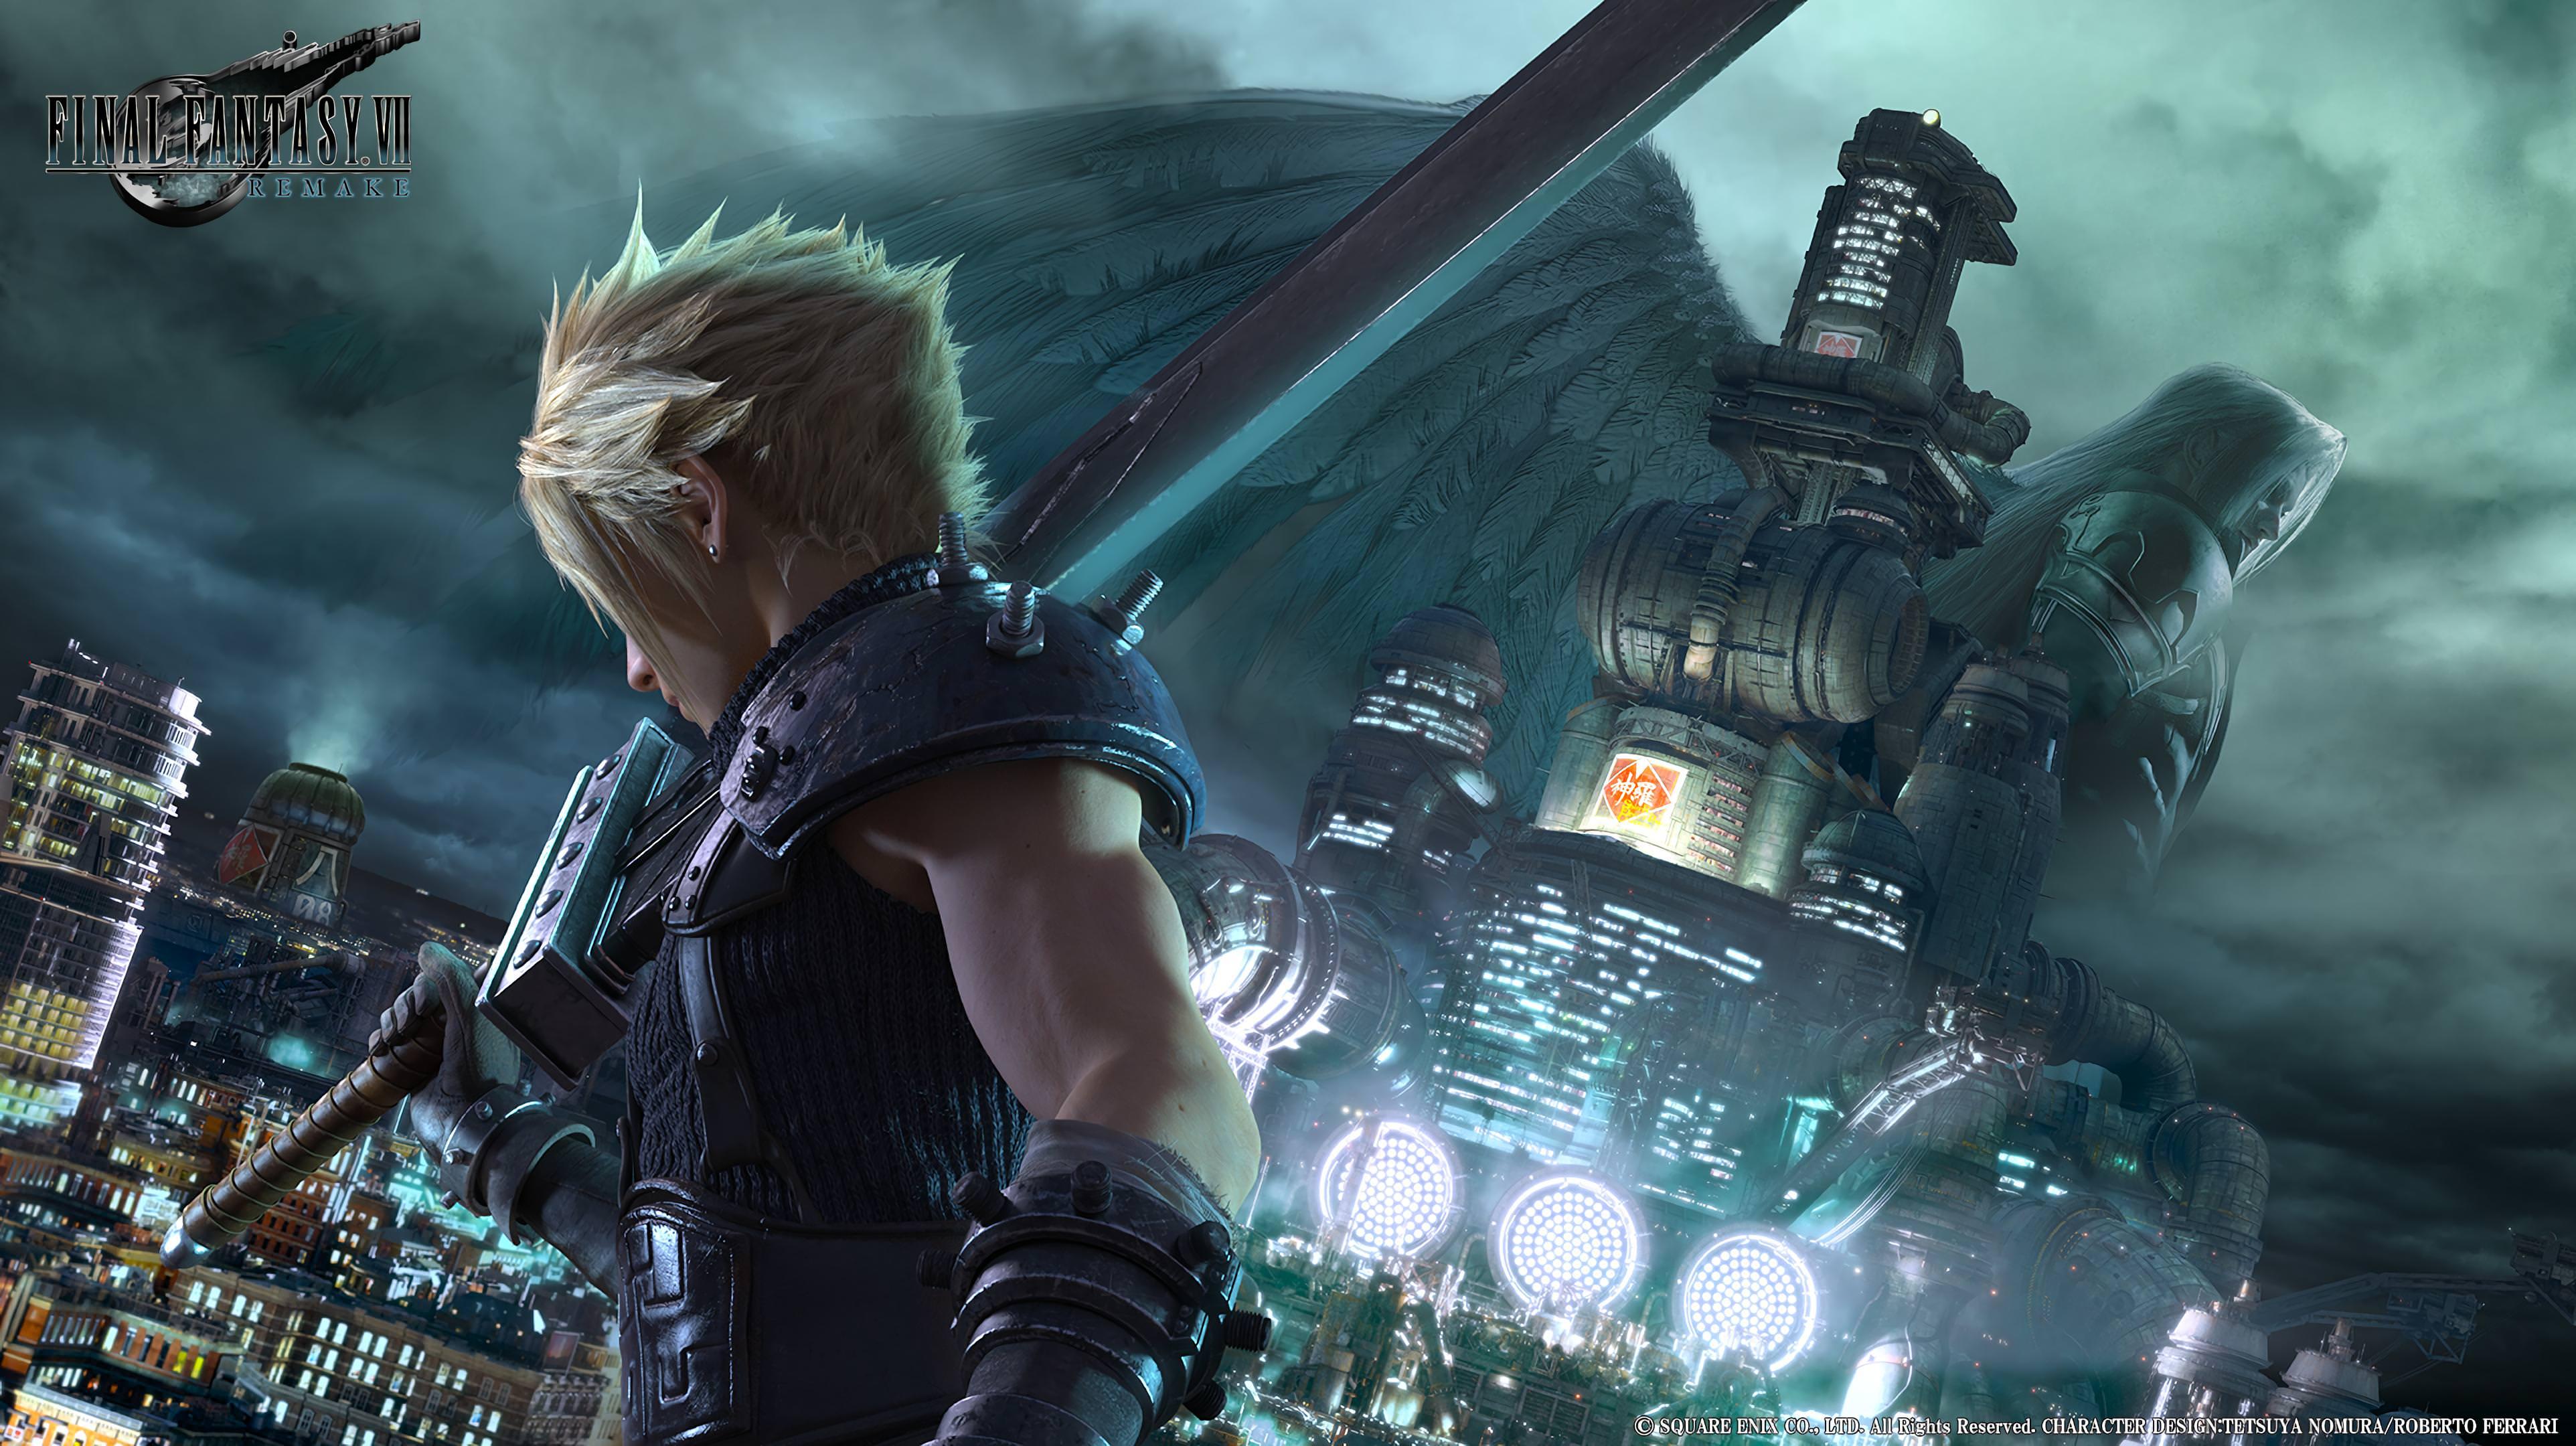 [Reportaje] Esto sabemos de Final Fantasy VII Remake tras el E3